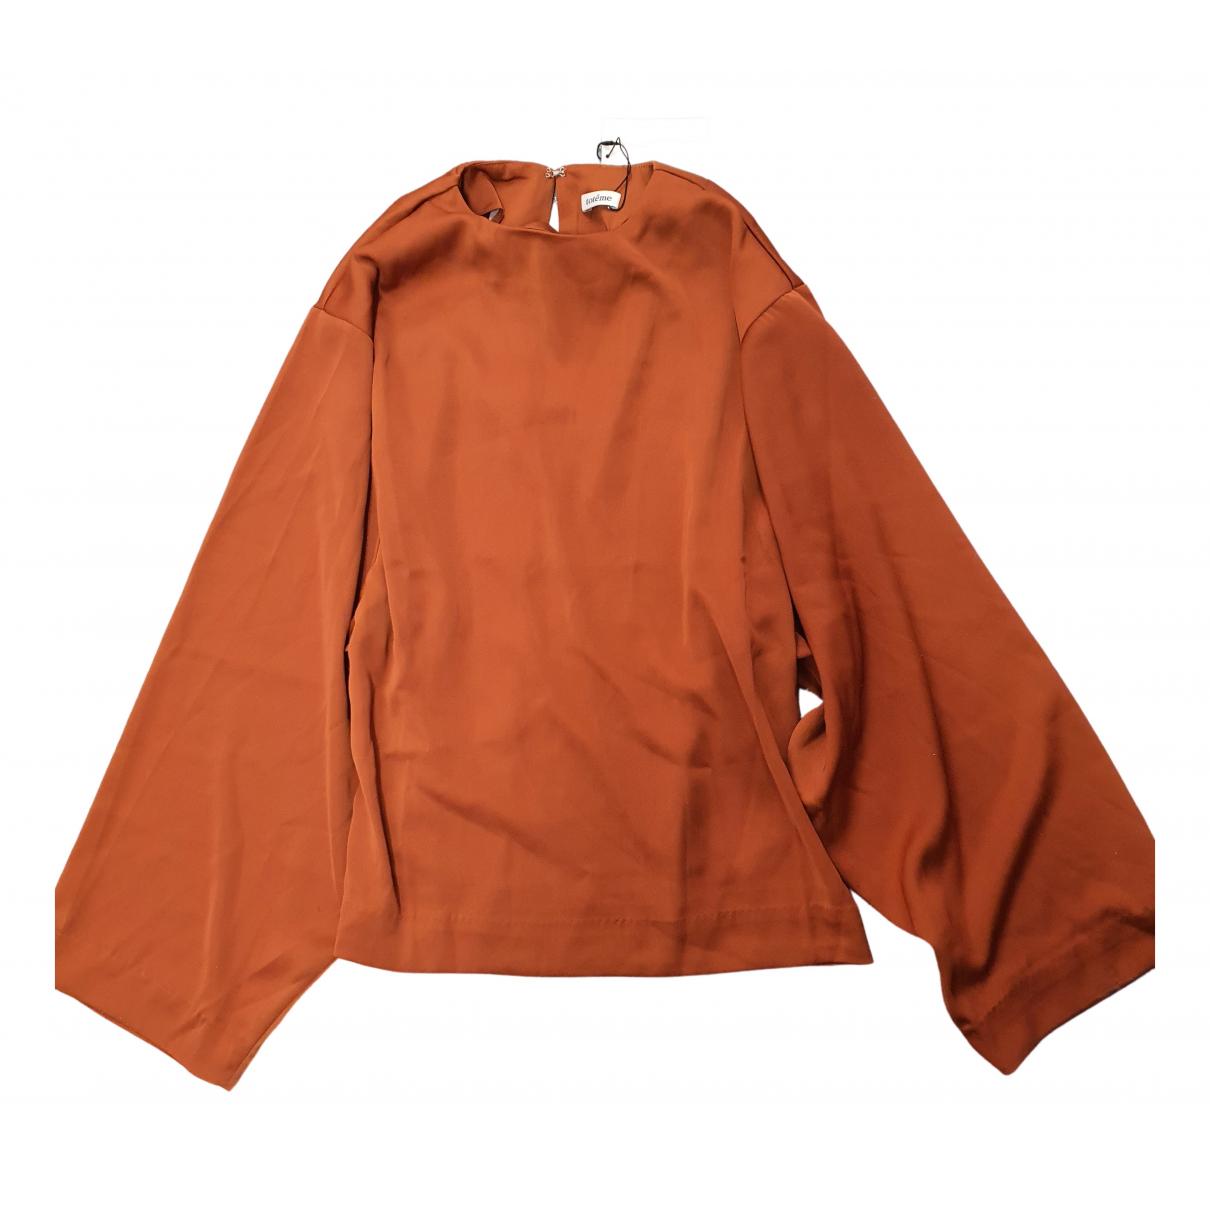 Toteme - Top   pour femme - orange